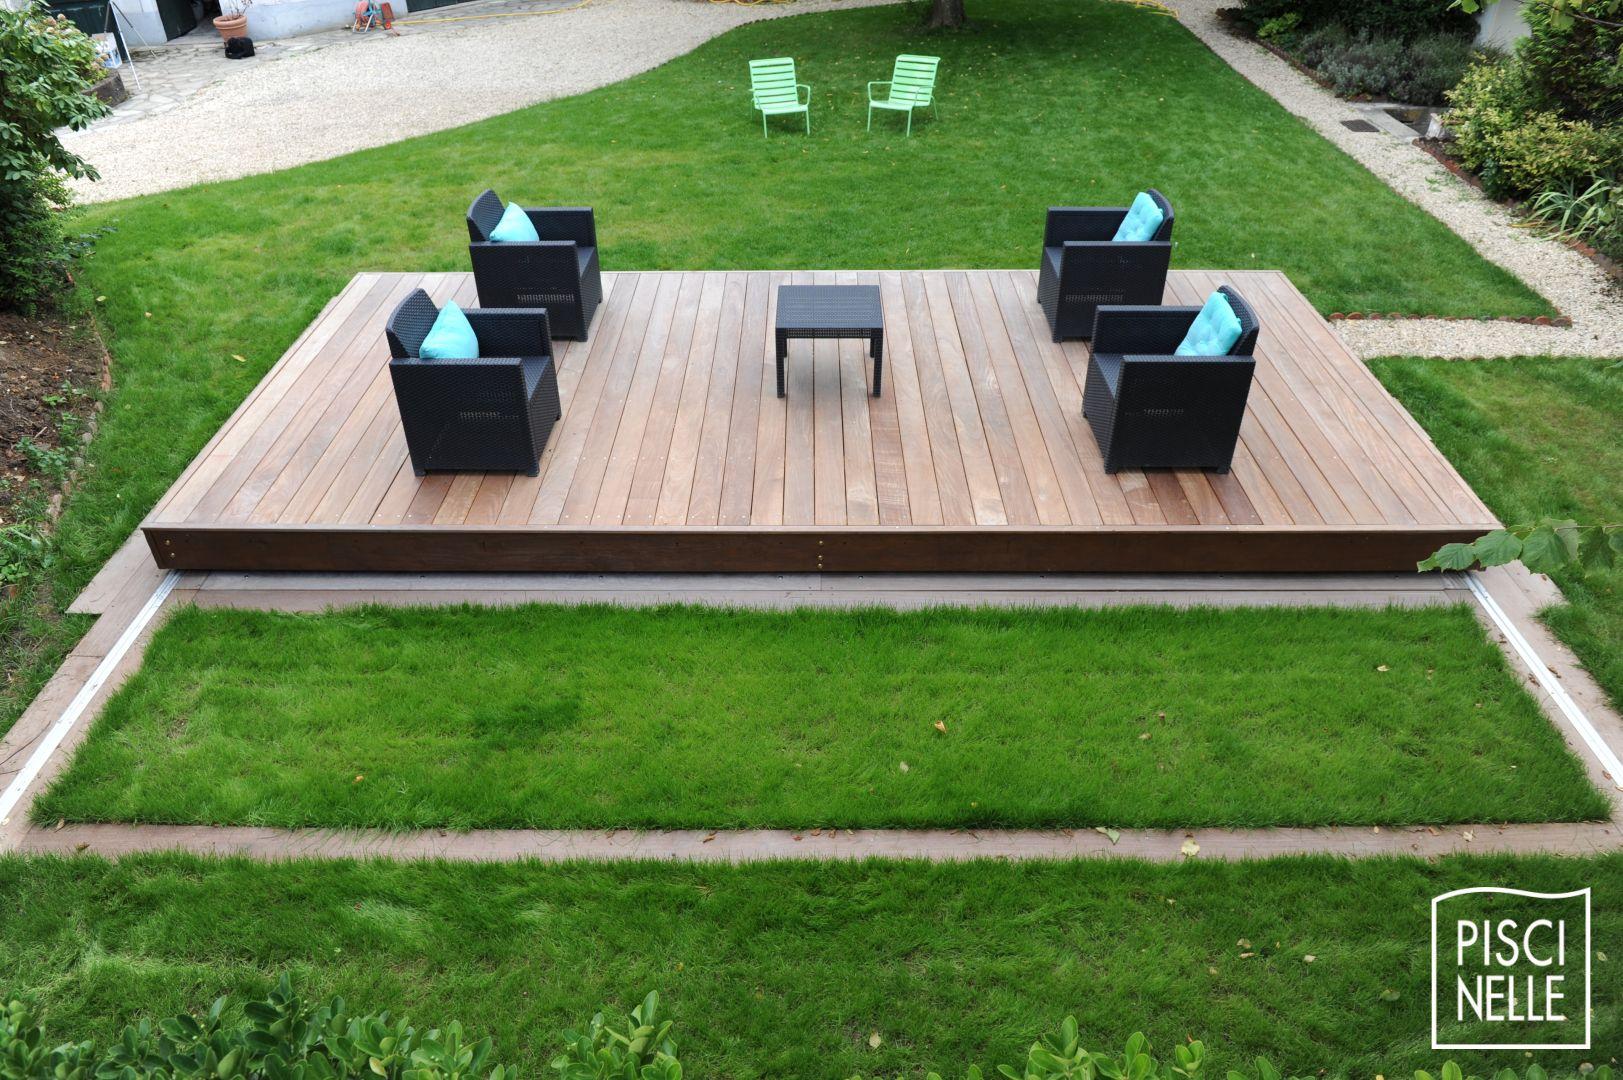 Terrasse Piscine Mobile : Le Rolling-Deck Piscinelle ... dedans Fabriquer Une Terrasse Mobile Pour Piscine